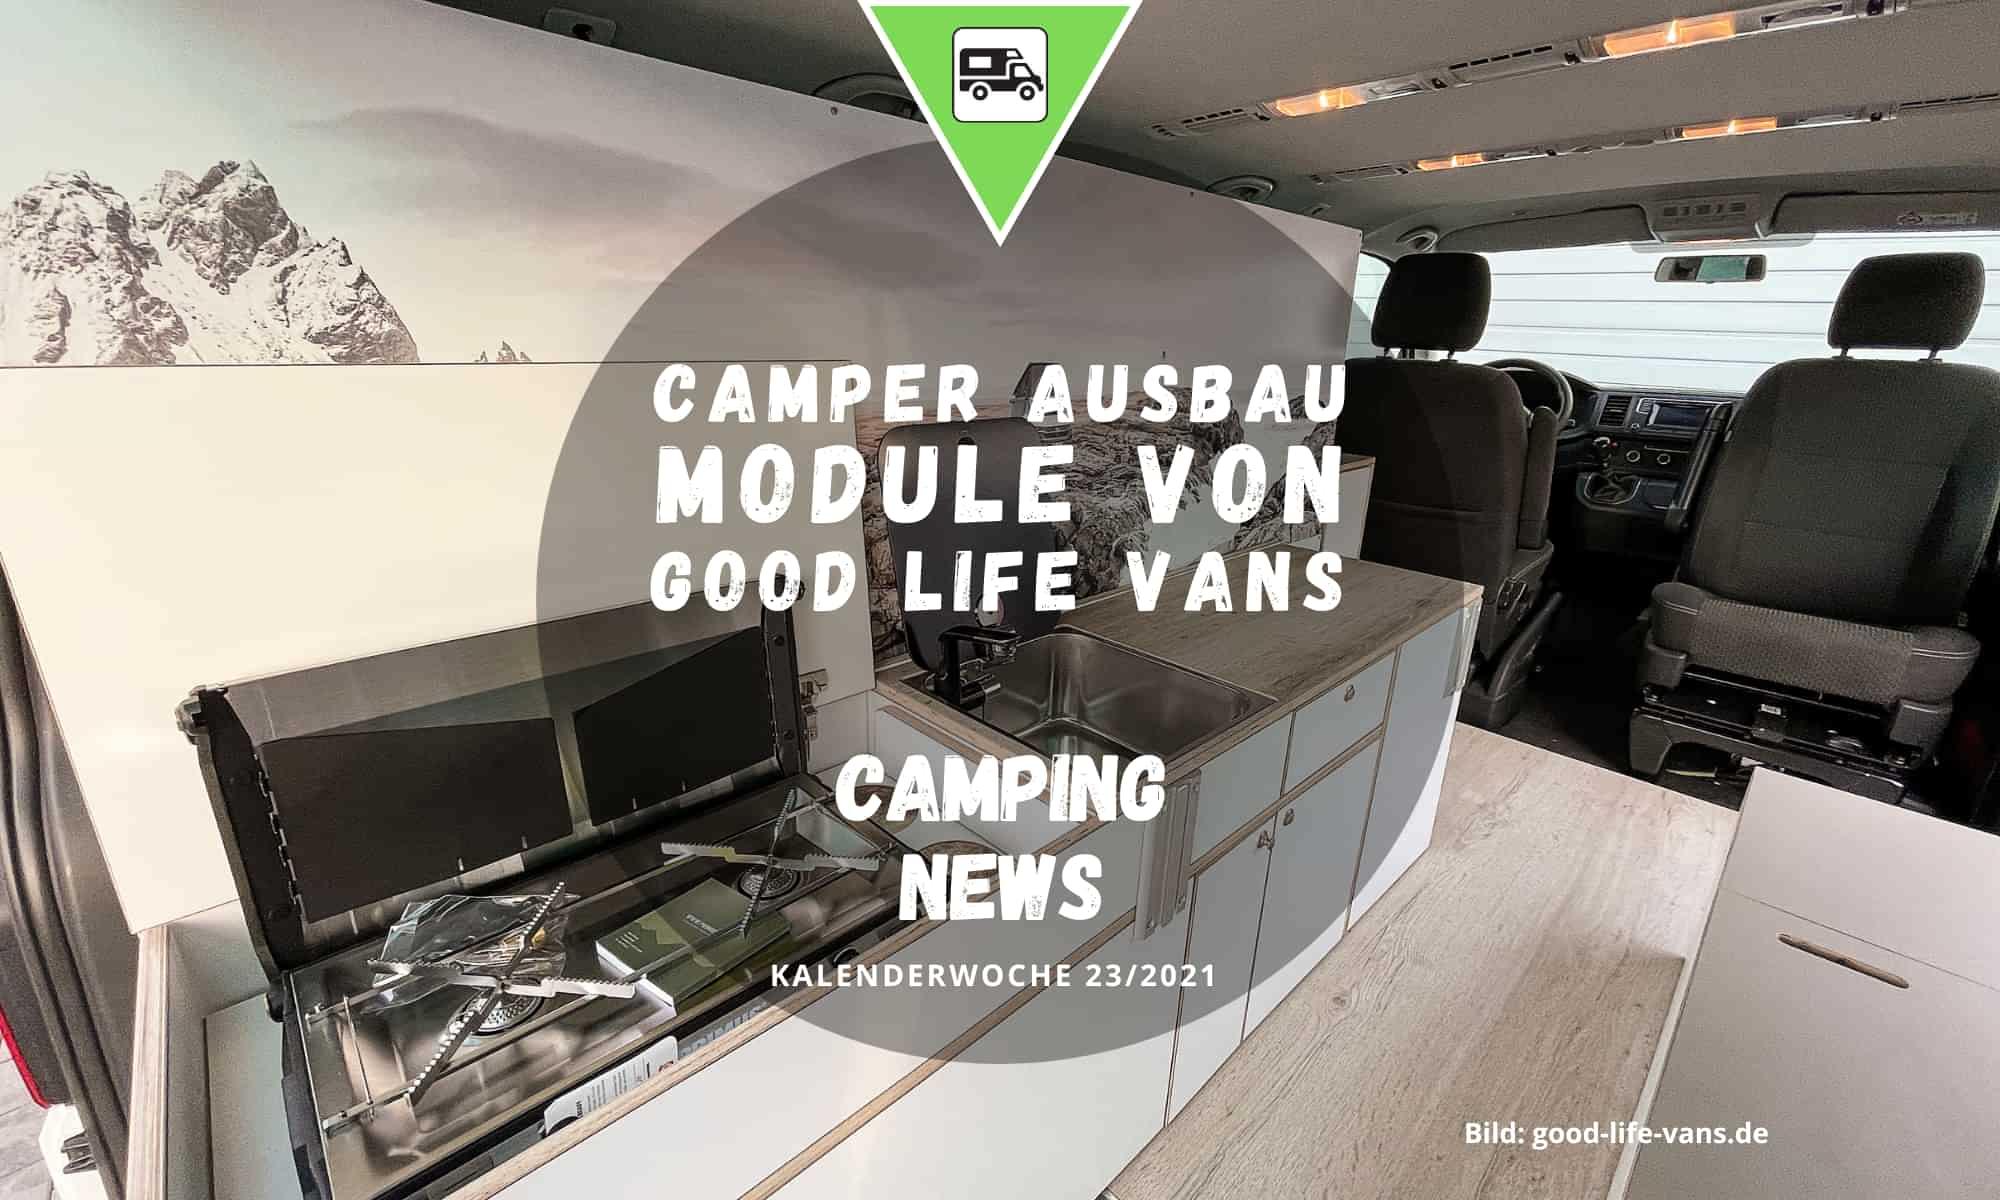 Camper Ausbau Module von Good Life Vans